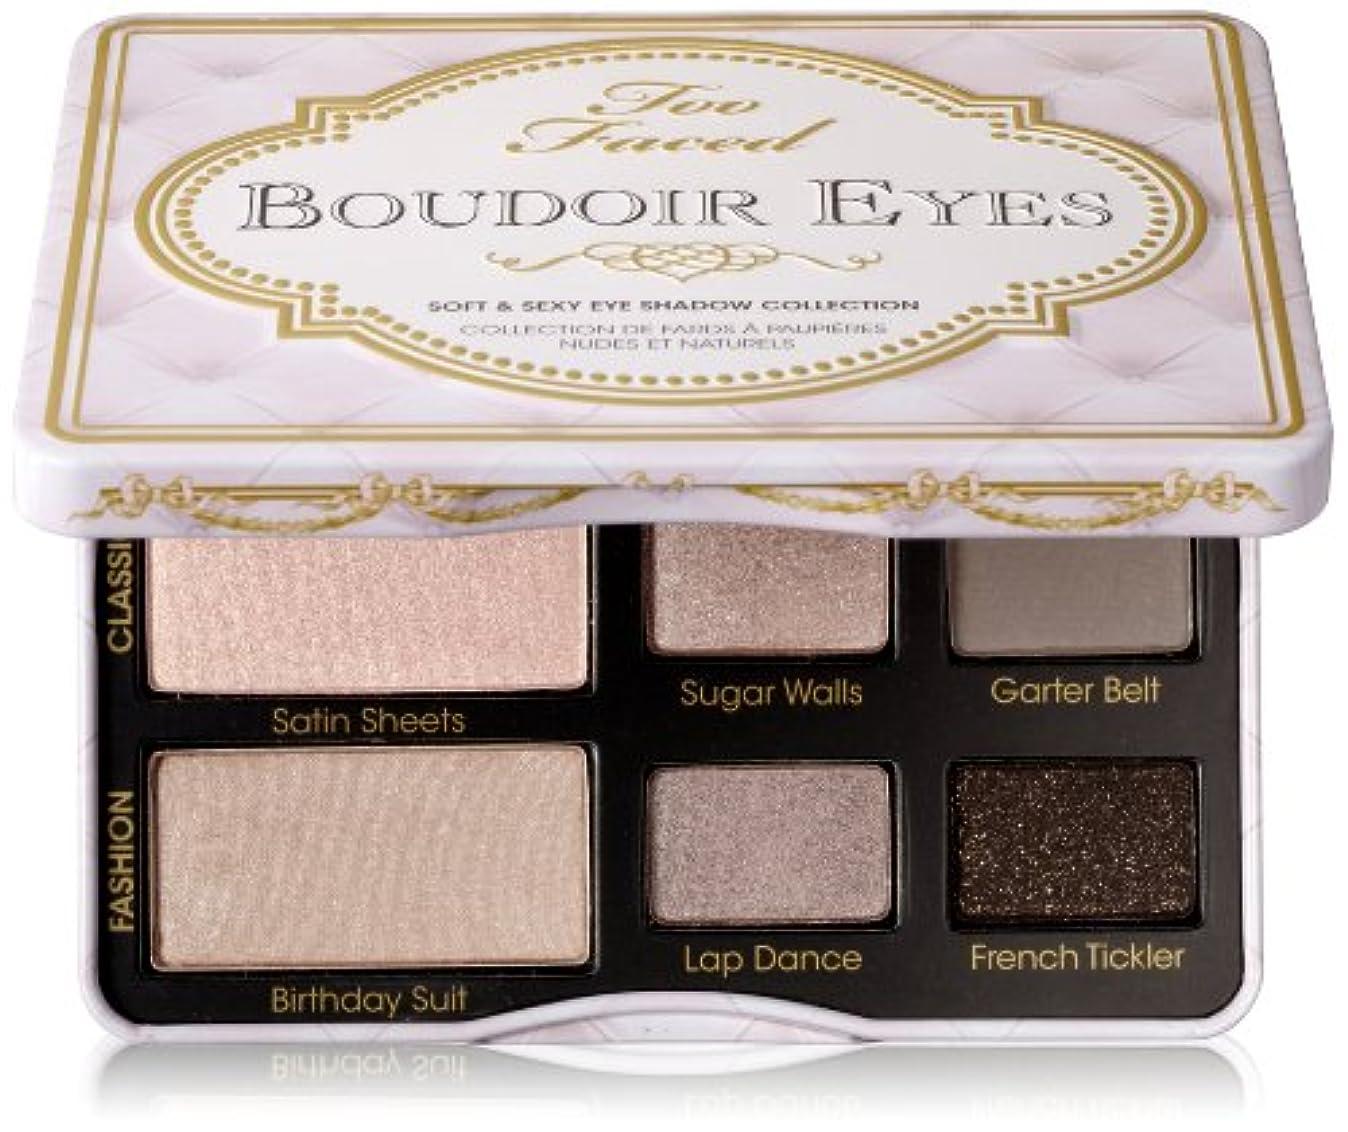 誇りに思う祭り透けるToo Faced Boudoir Eyes Soft & Sexy Eye Shadow Collection (並行輸入品)